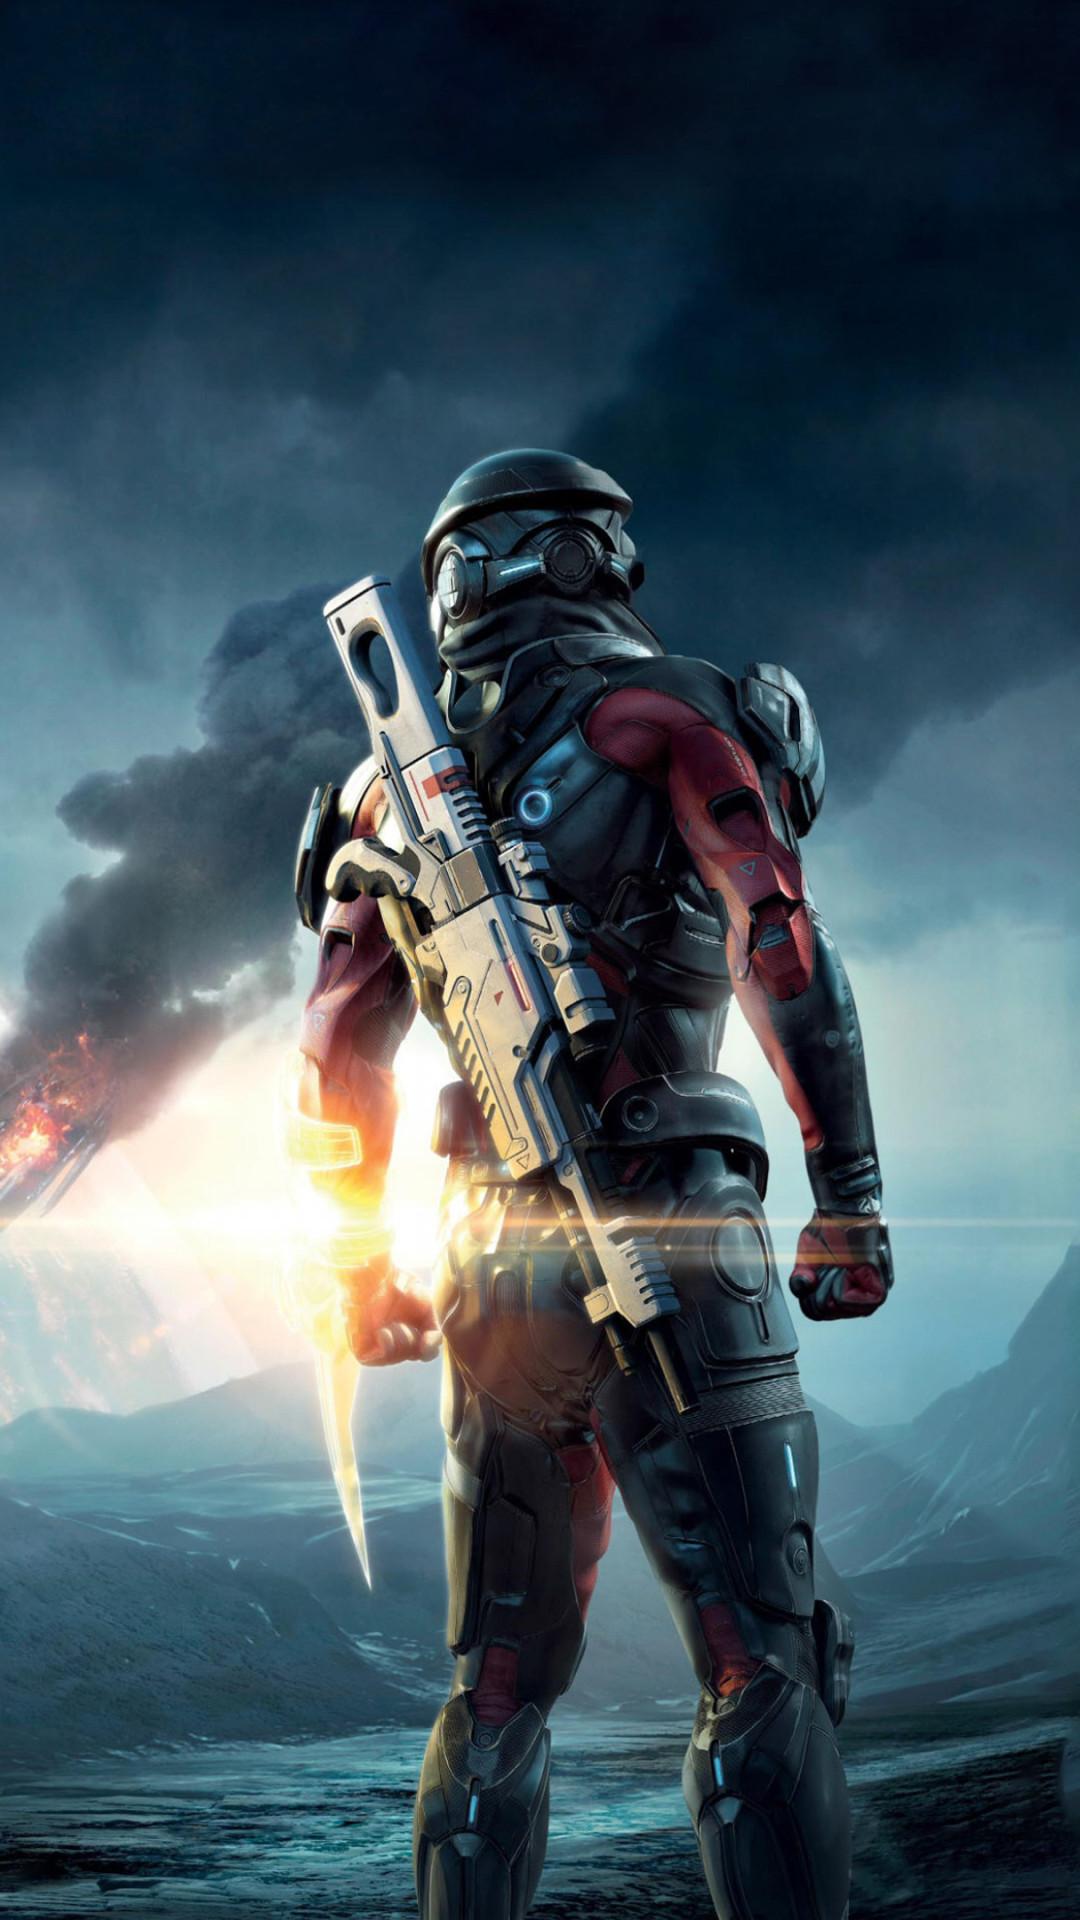 Mass Effect Mobile Wallpaper ·① WallpaperTag